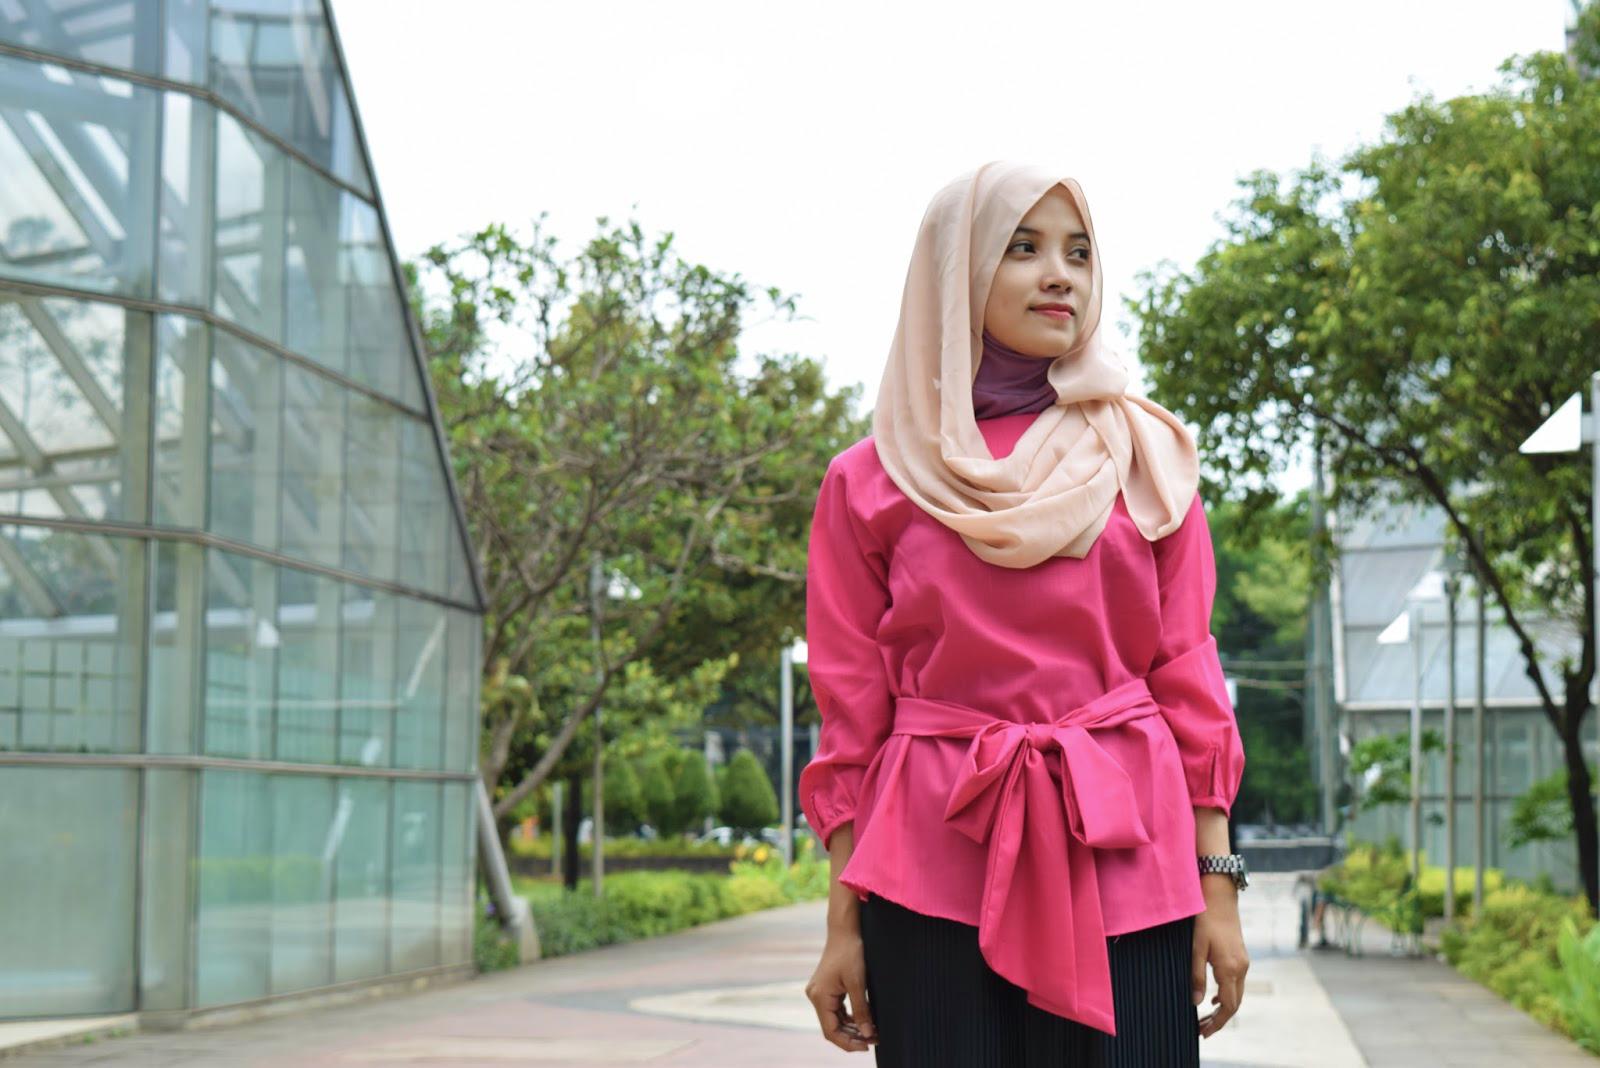 gaya selfie hijab kekinian  gaya berpose ala model